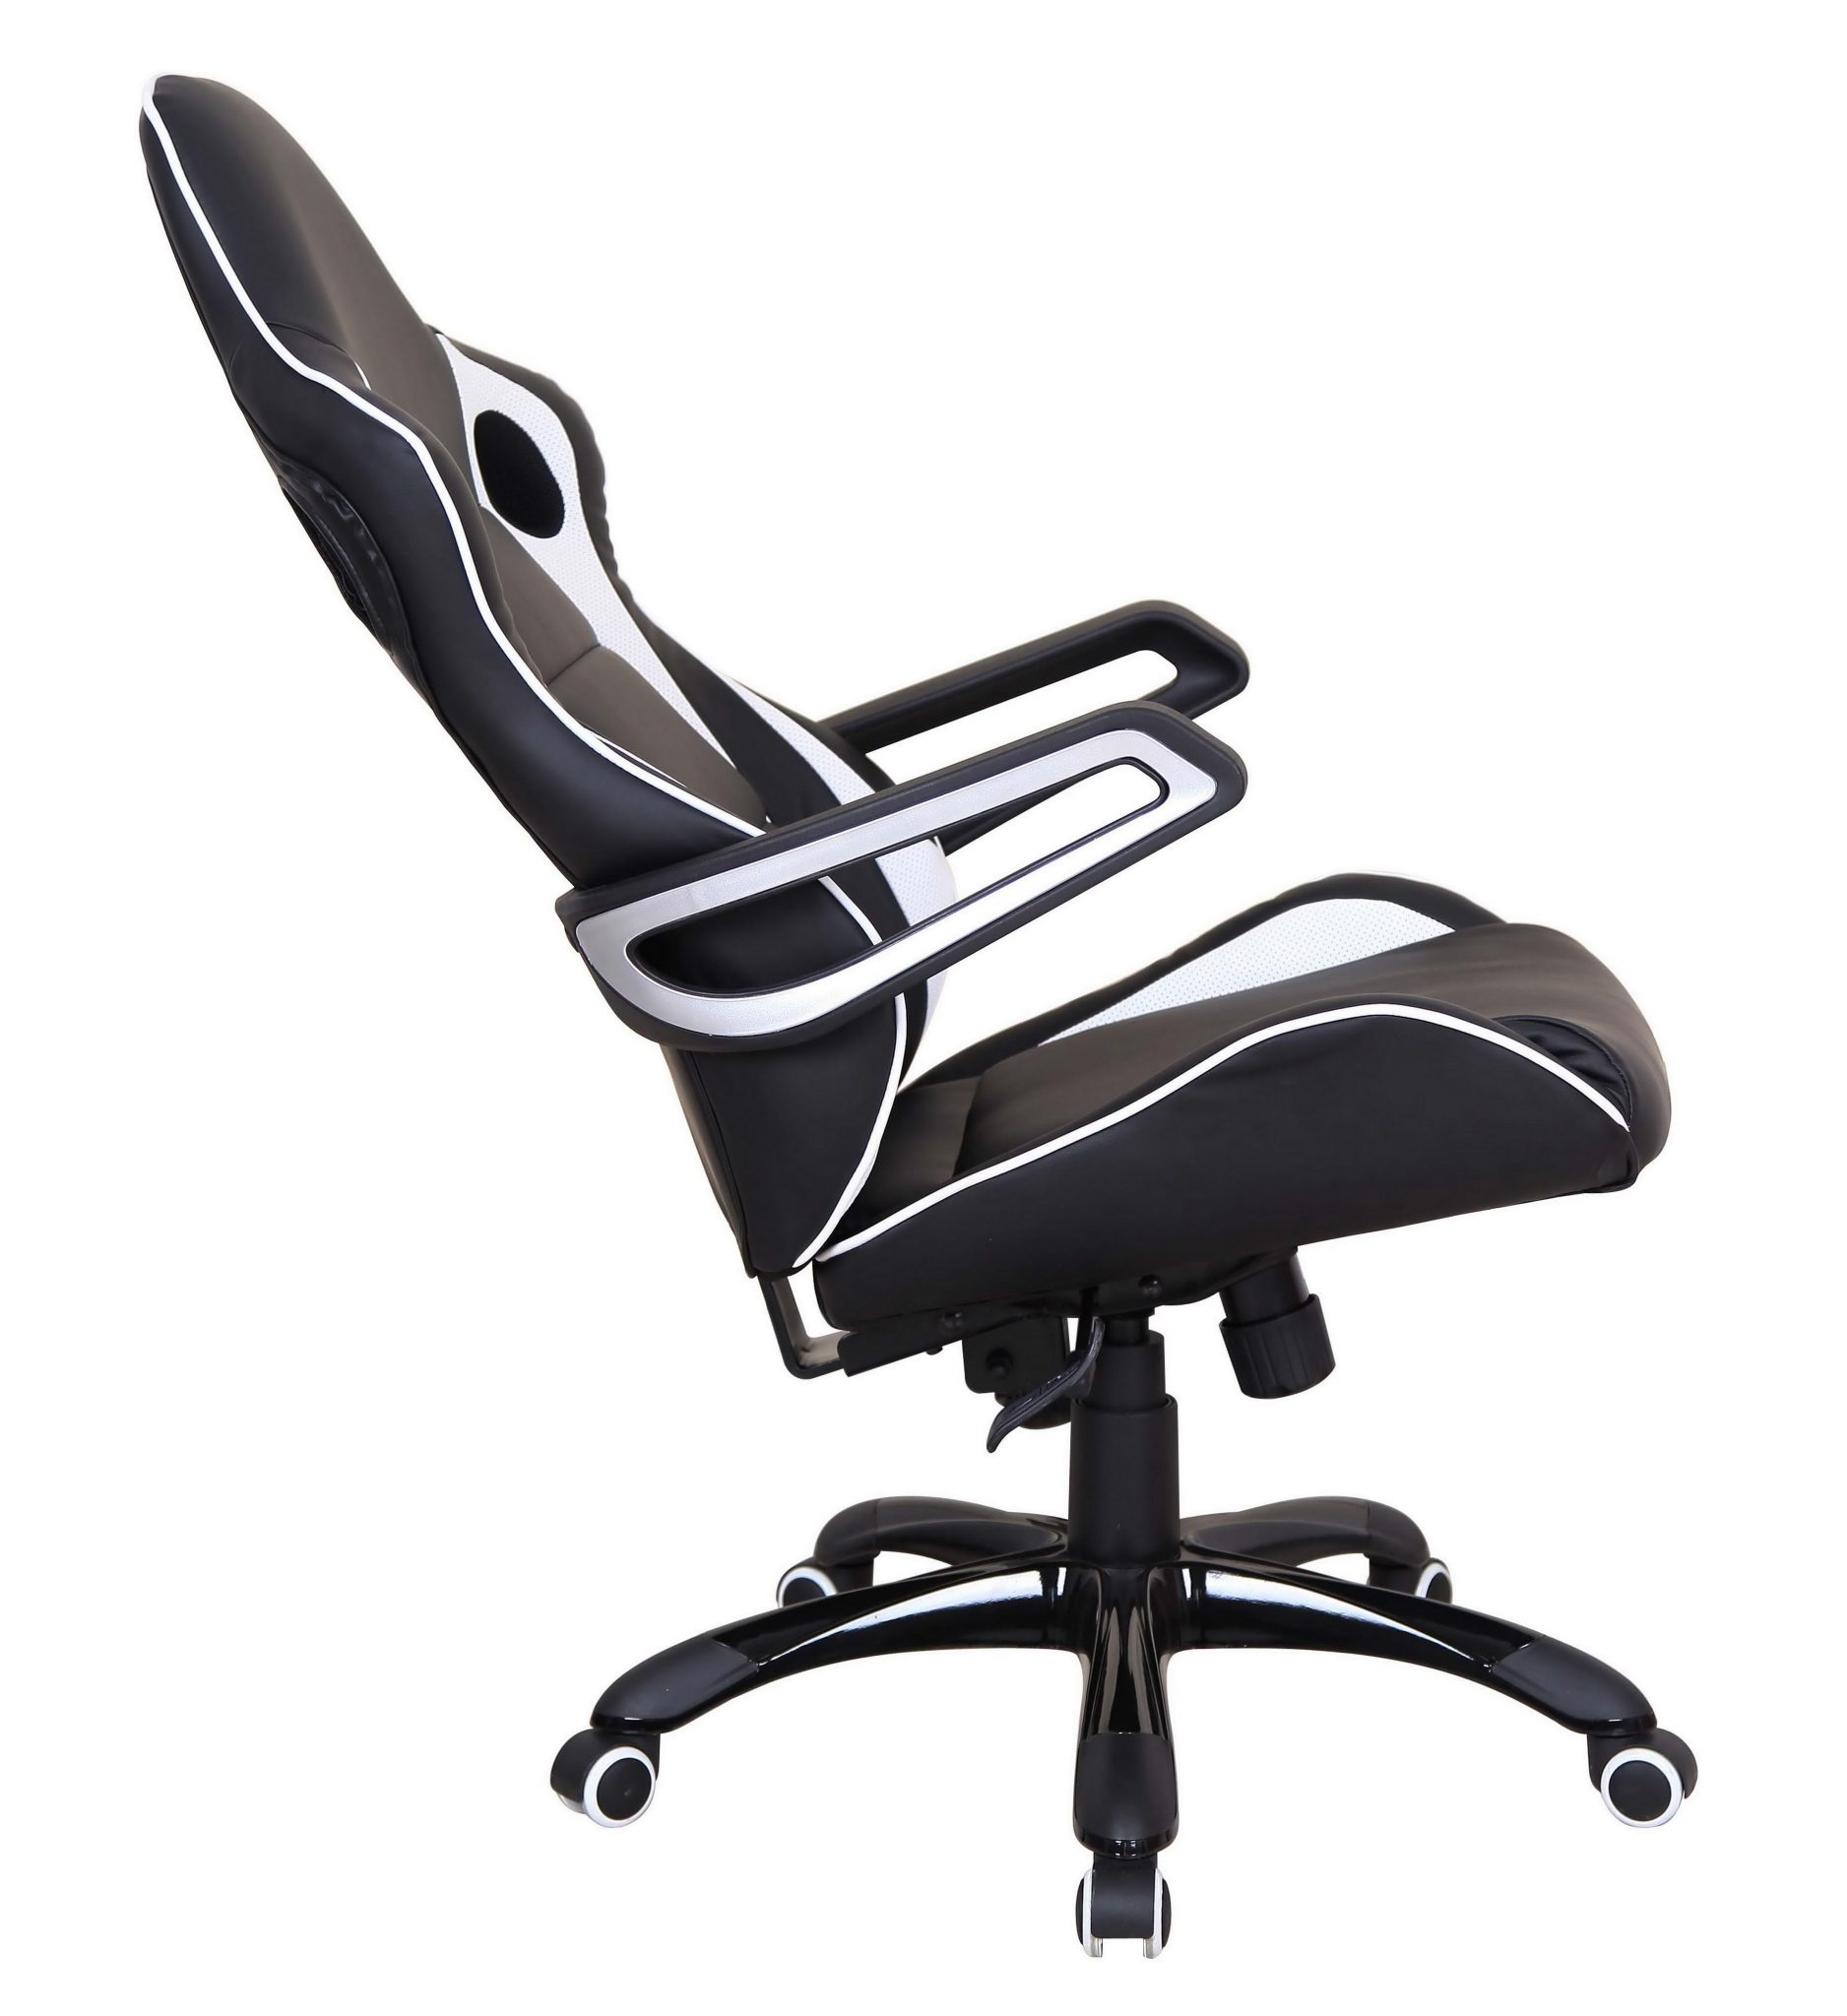 fauteuil bureau dossier inclinable le monde de l a. Black Bedroom Furniture Sets. Home Design Ideas